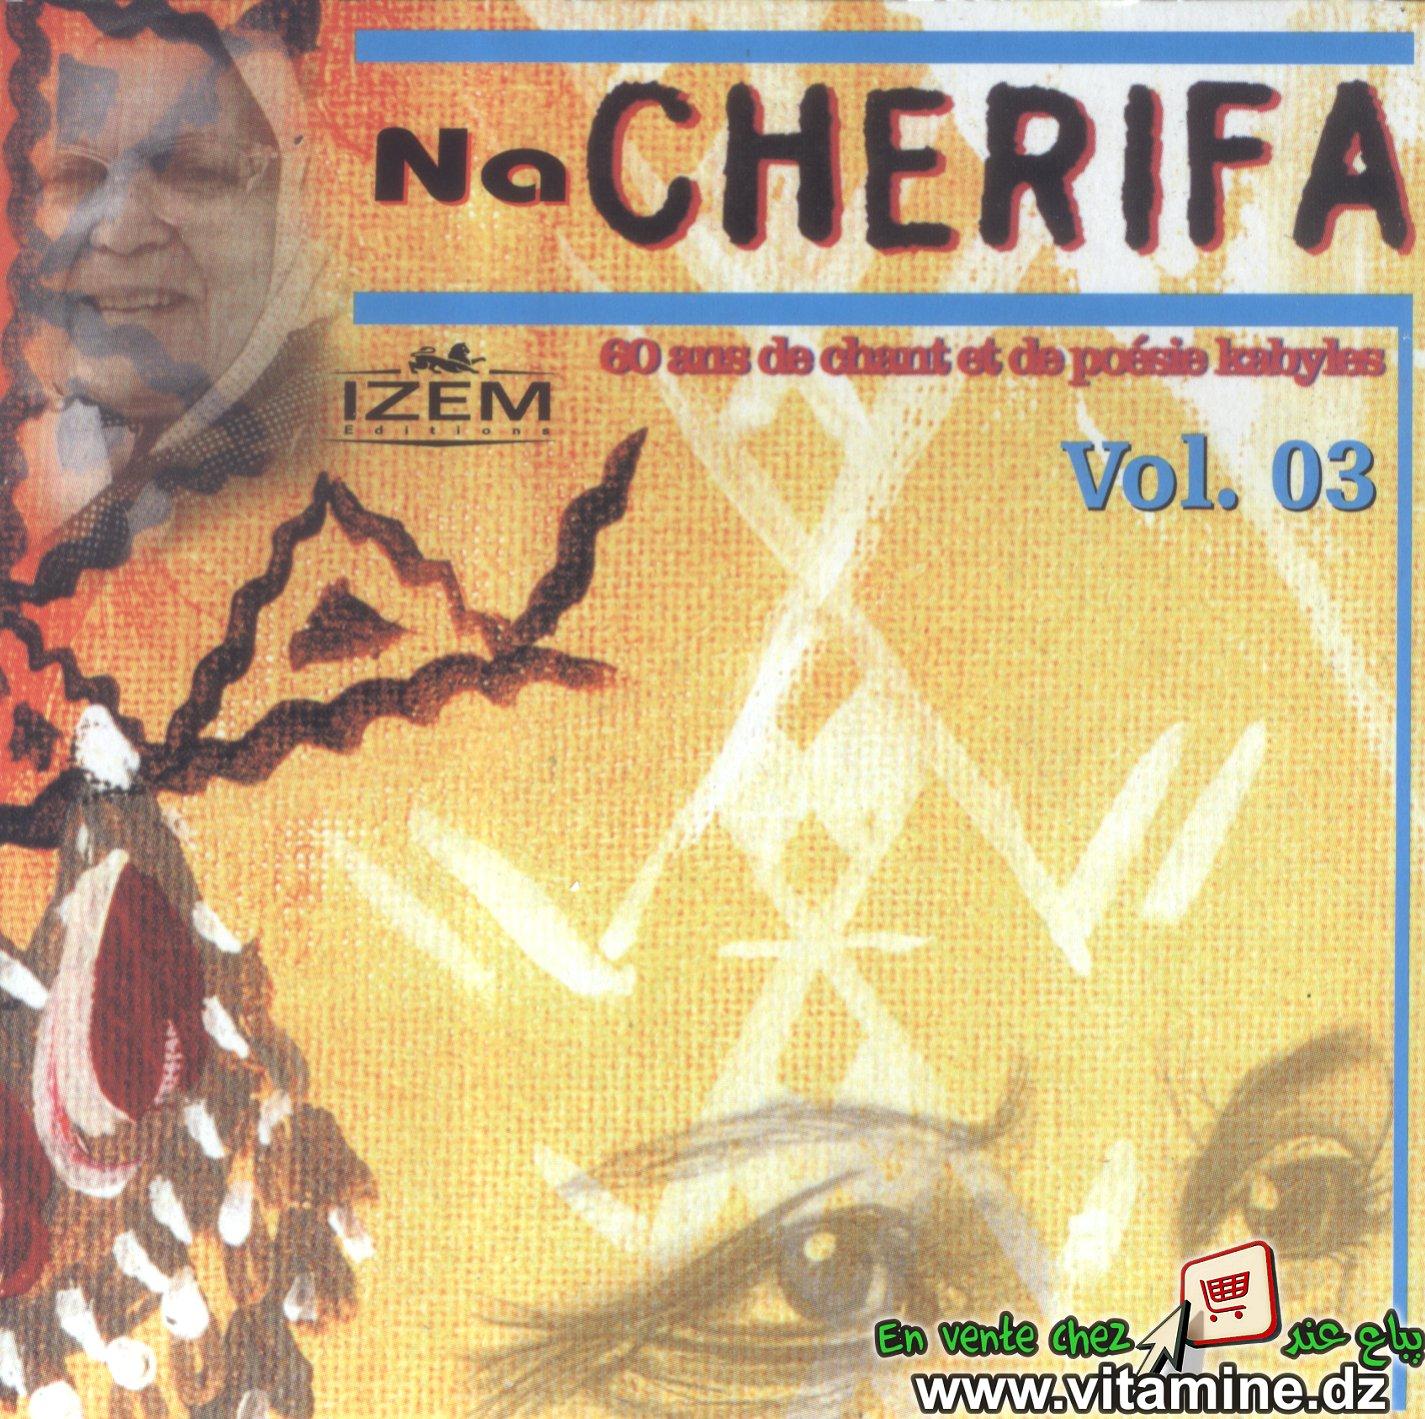 Na Cherifa - 60 ans de chants et de poésies kabyles vol 3